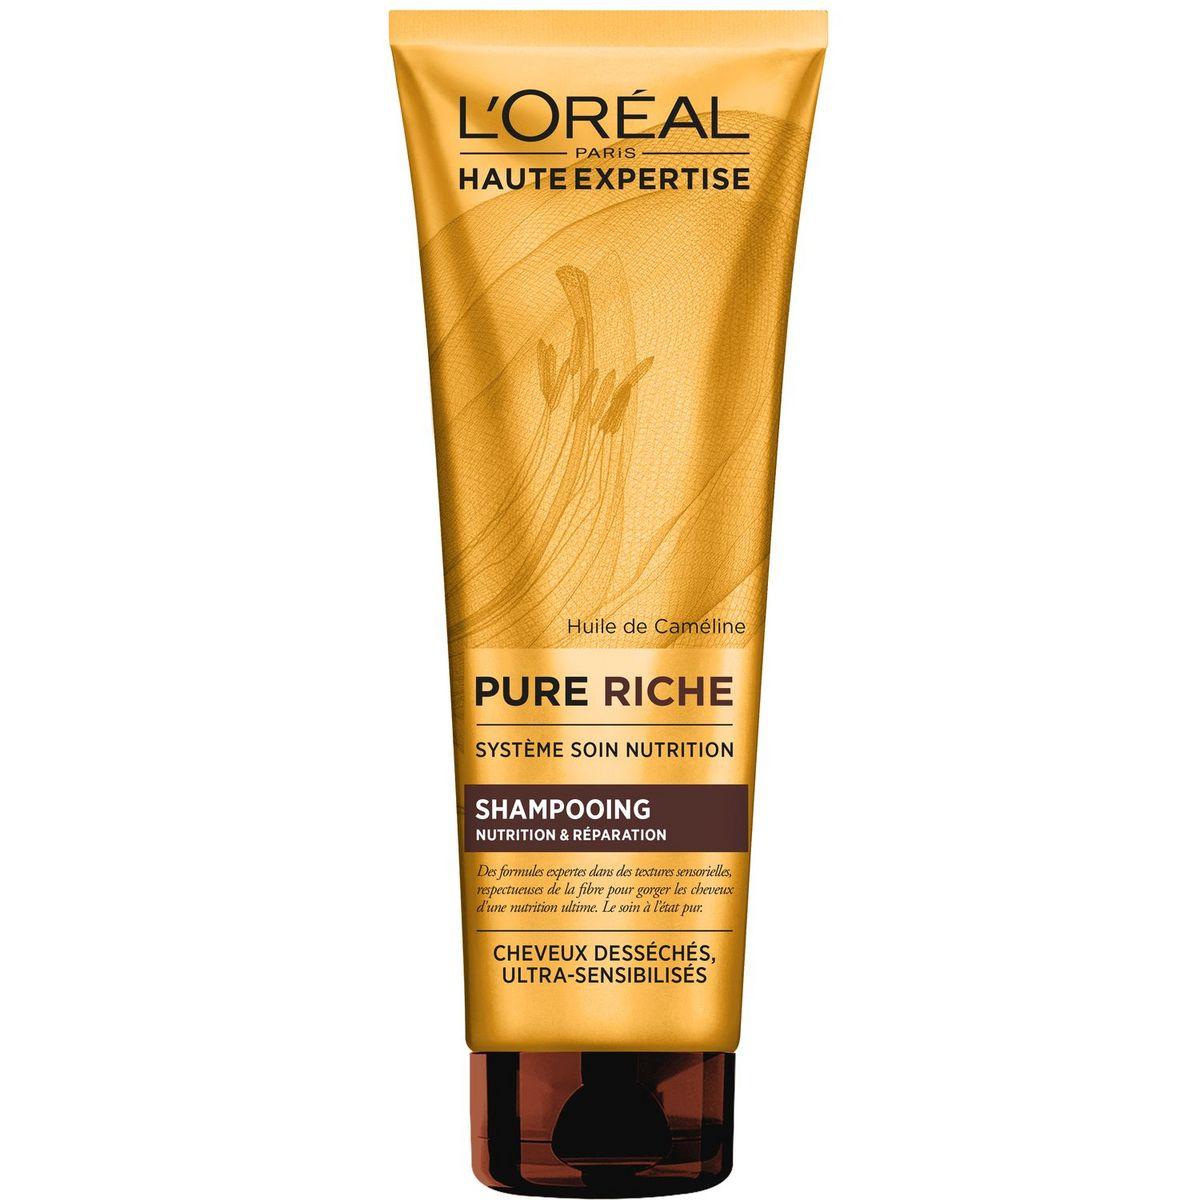 L'Oréal Pure Riche shampoing nutrition & réparation cheveux desséchés 250ml